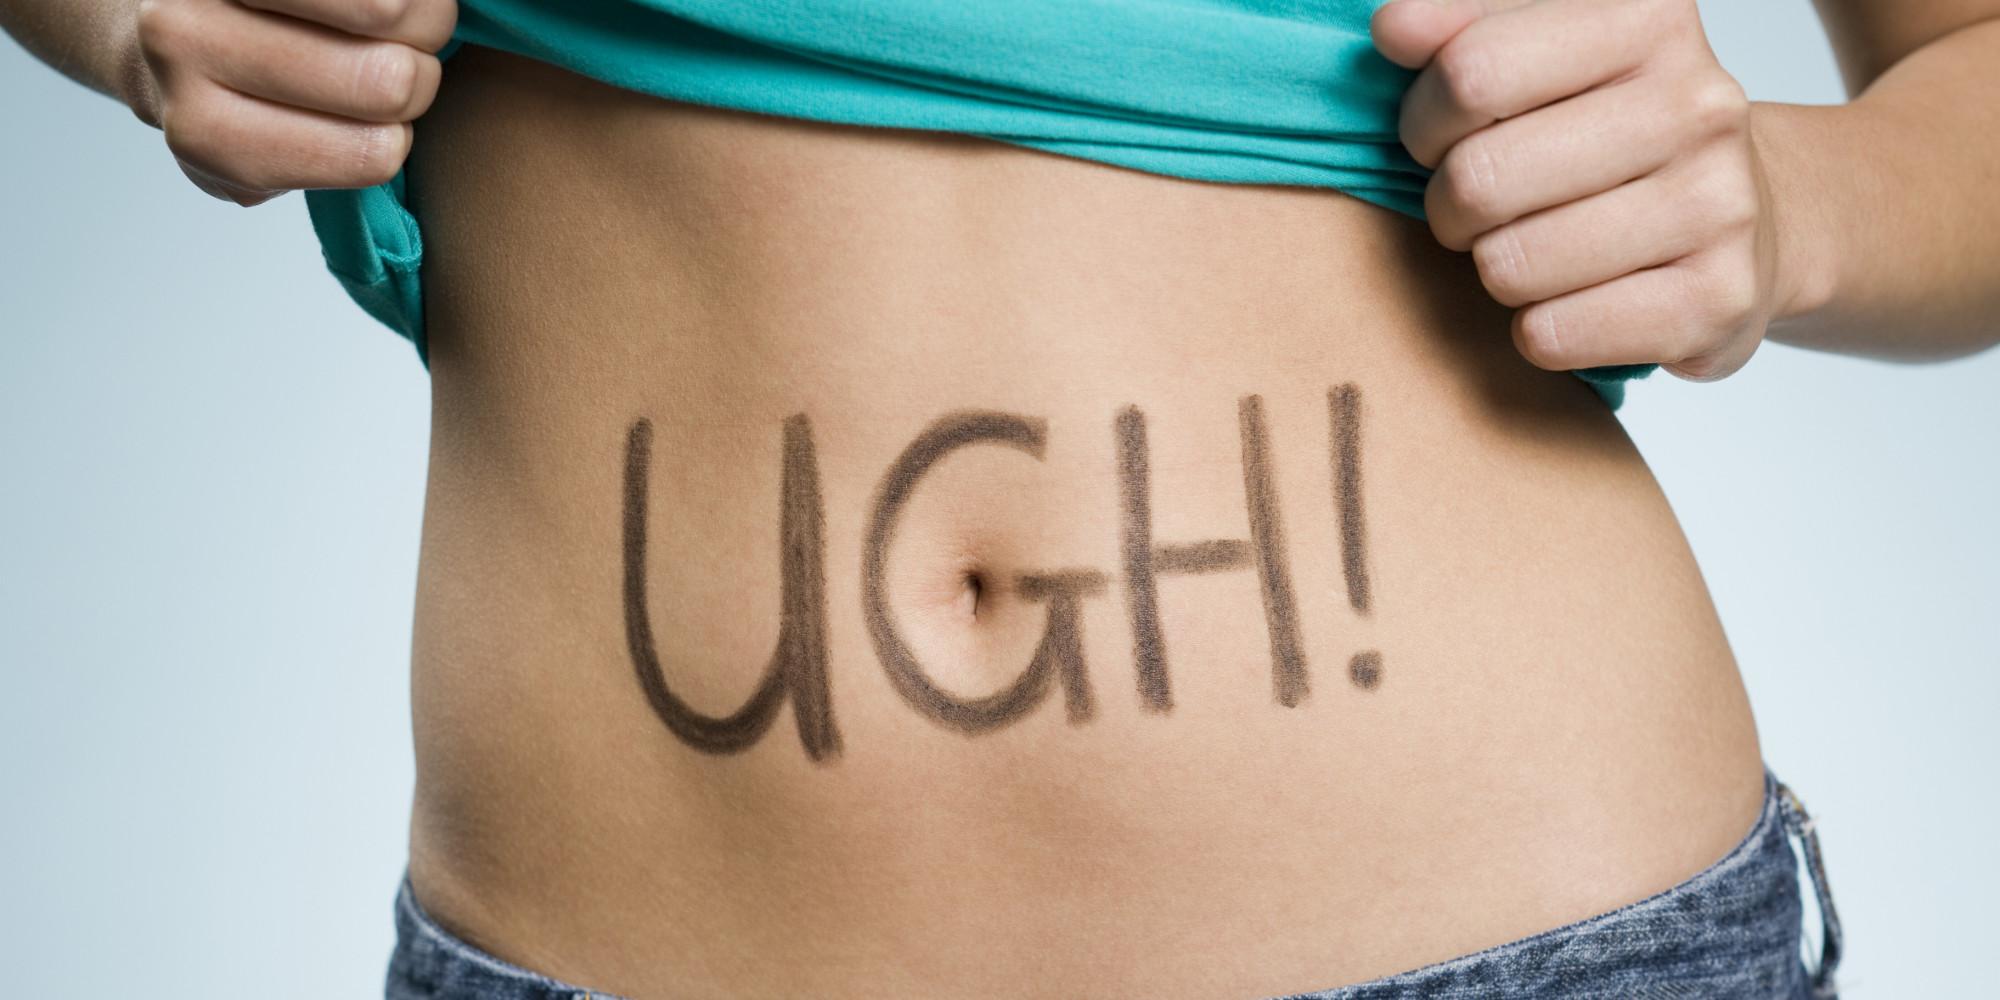 Il gonfiore addominale è un disturbo che colpisce molto più spesso il sesso femminile: potrebbero essere tirati in ballo fattori ormonali e psicologici.